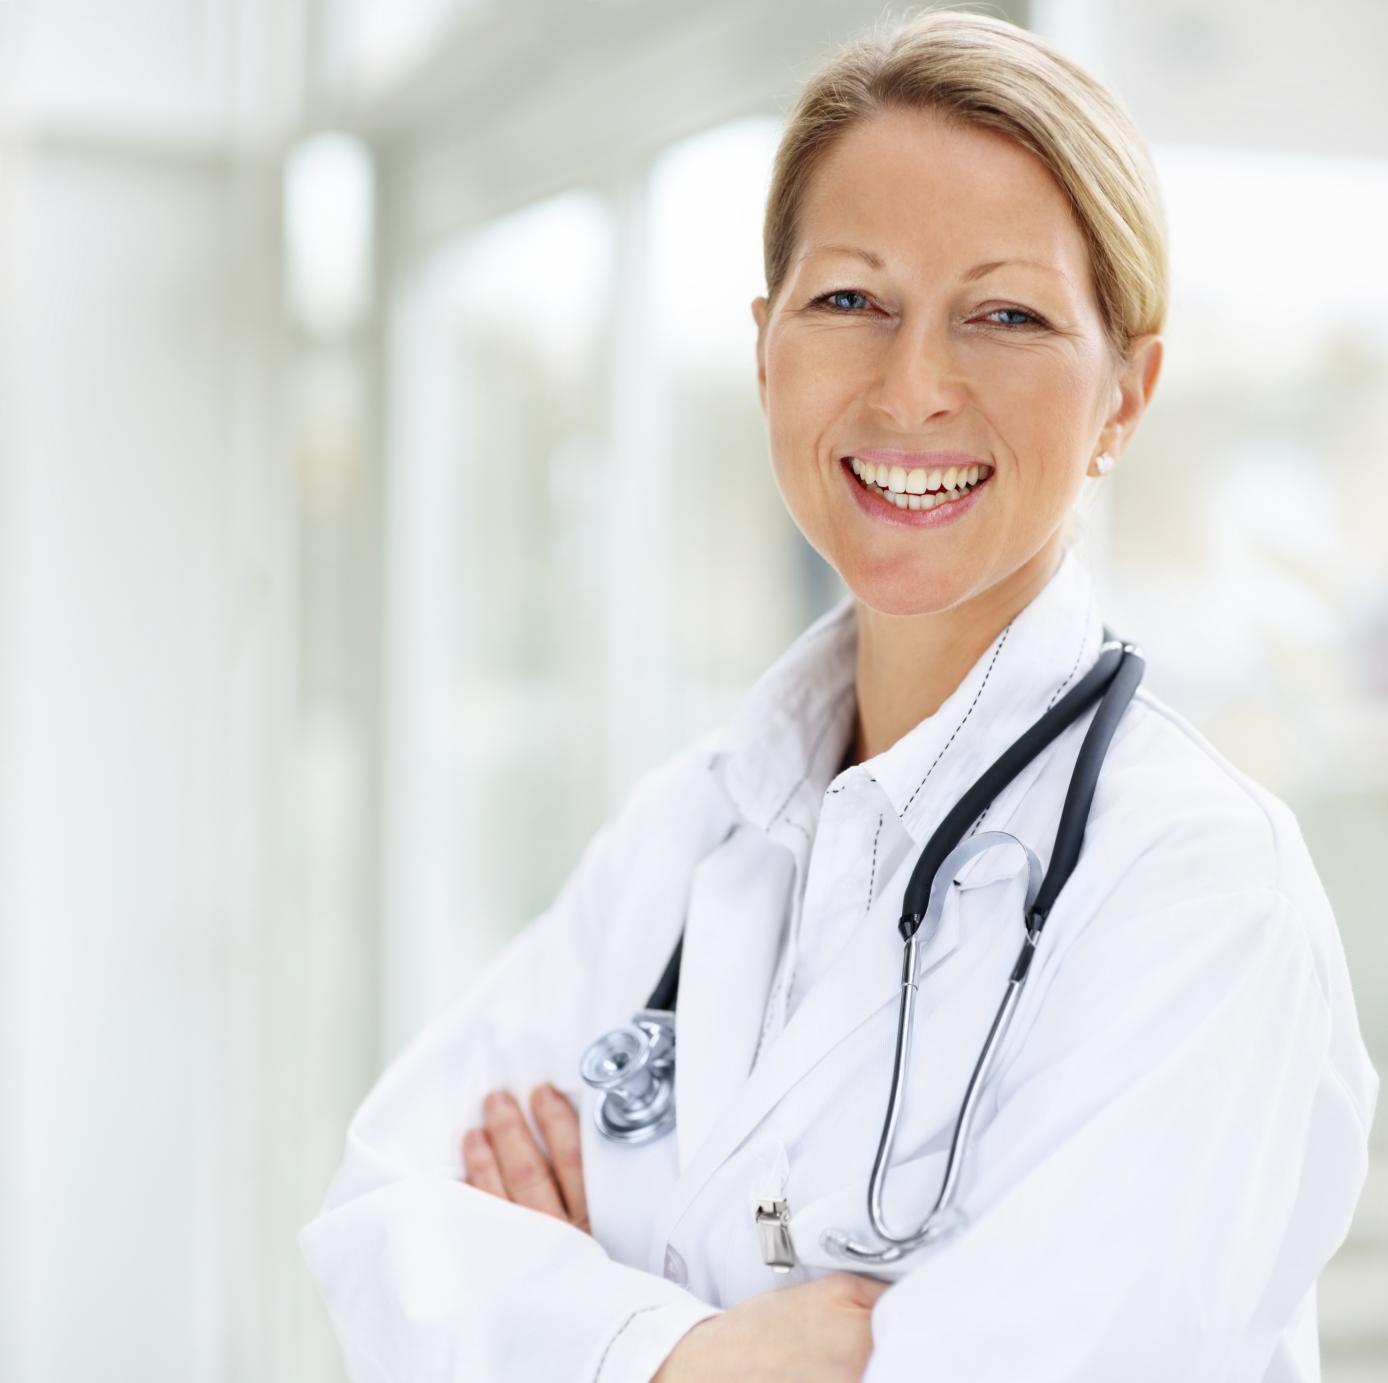 Diabetes outlook patient education kit